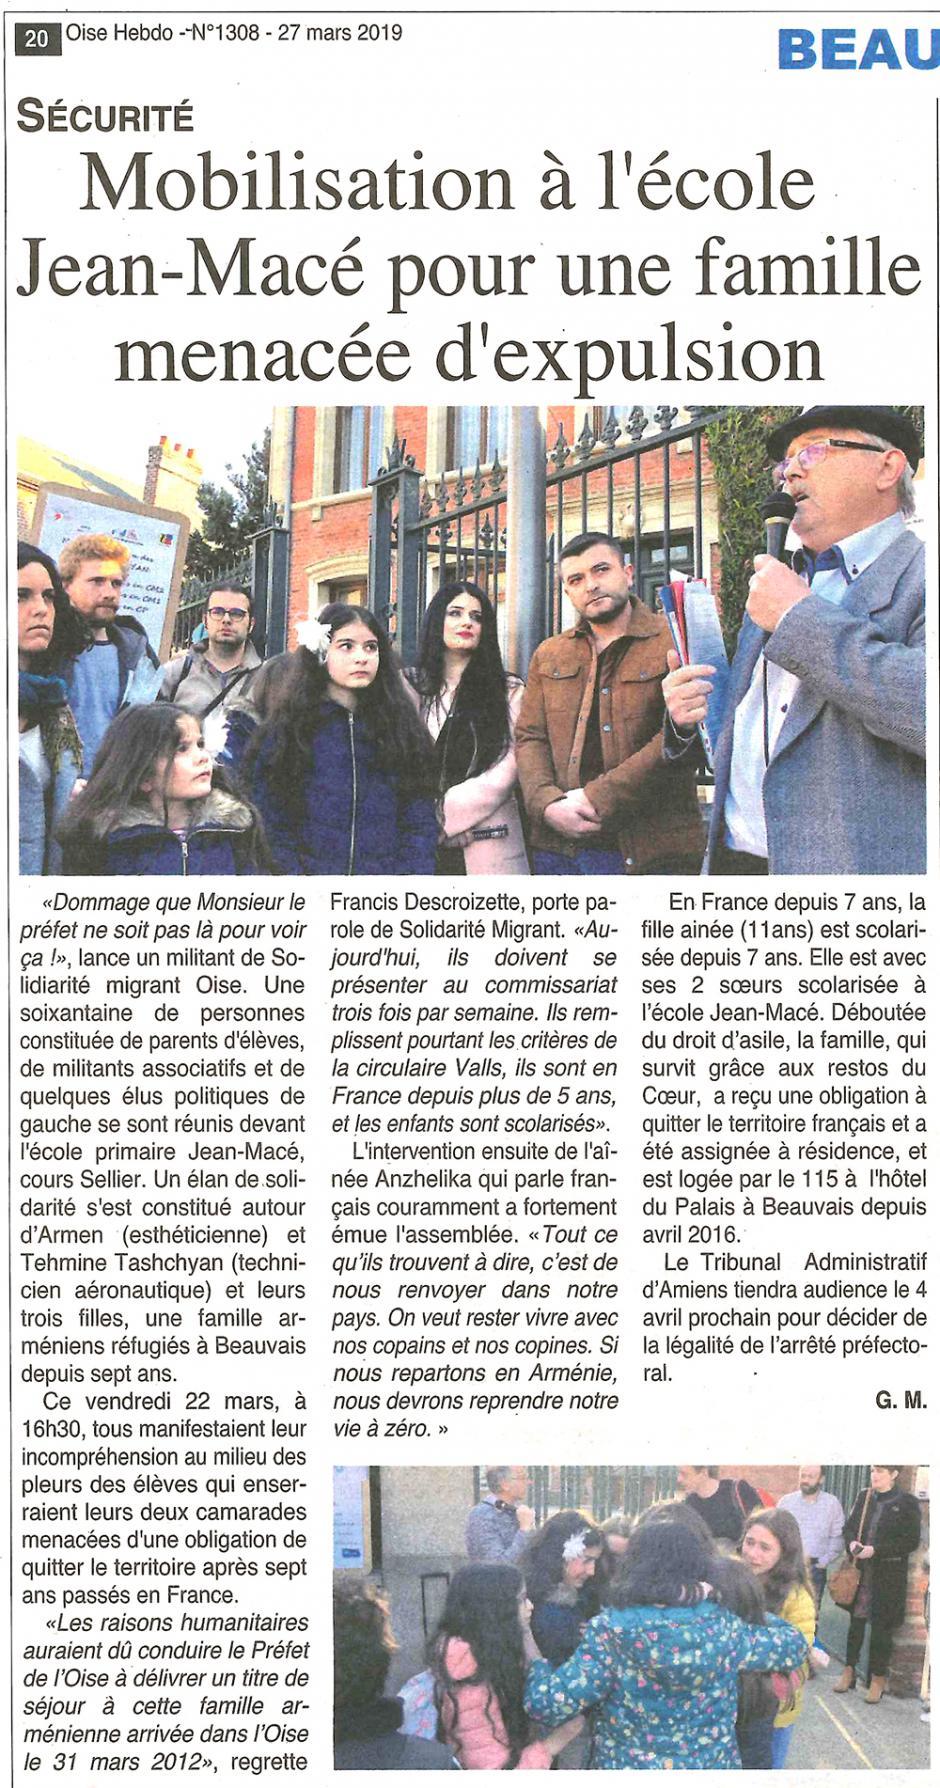 20190327-OH-Beauvais-Mobilisation à l'école Jean-Macé pour une famille menacée d'expulsion